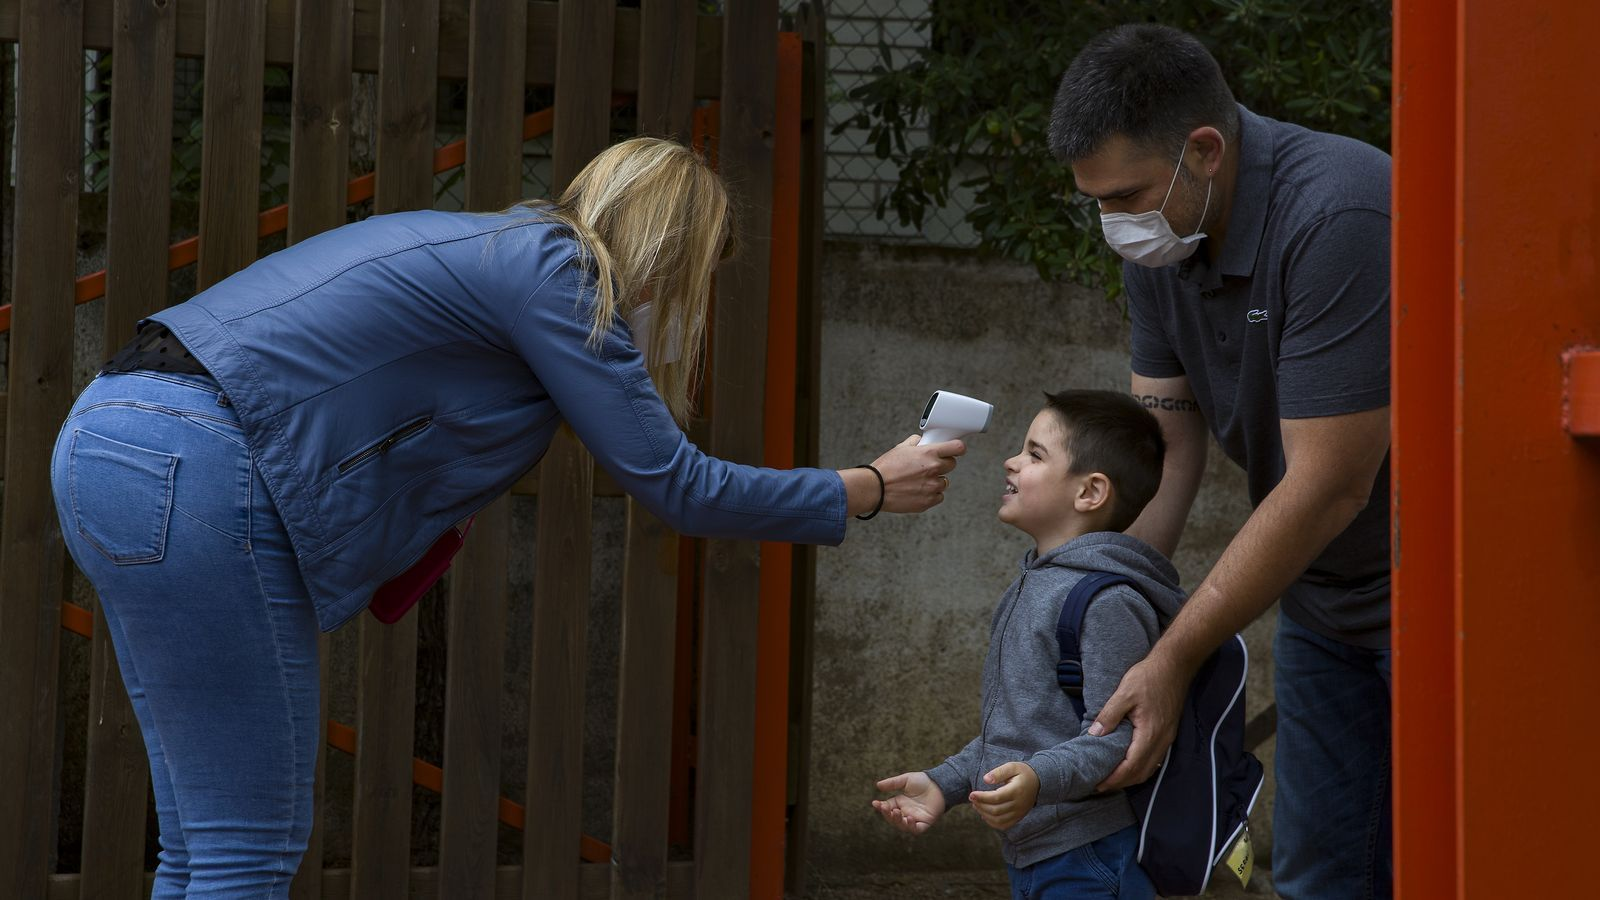 Una dona li pren la temperatura a un nen en el primer dia d'escola després del confinament pel covid-19  a l'escola Garbé d'Esplugues de Llobregat. Imatge del 8 de juny del 2020